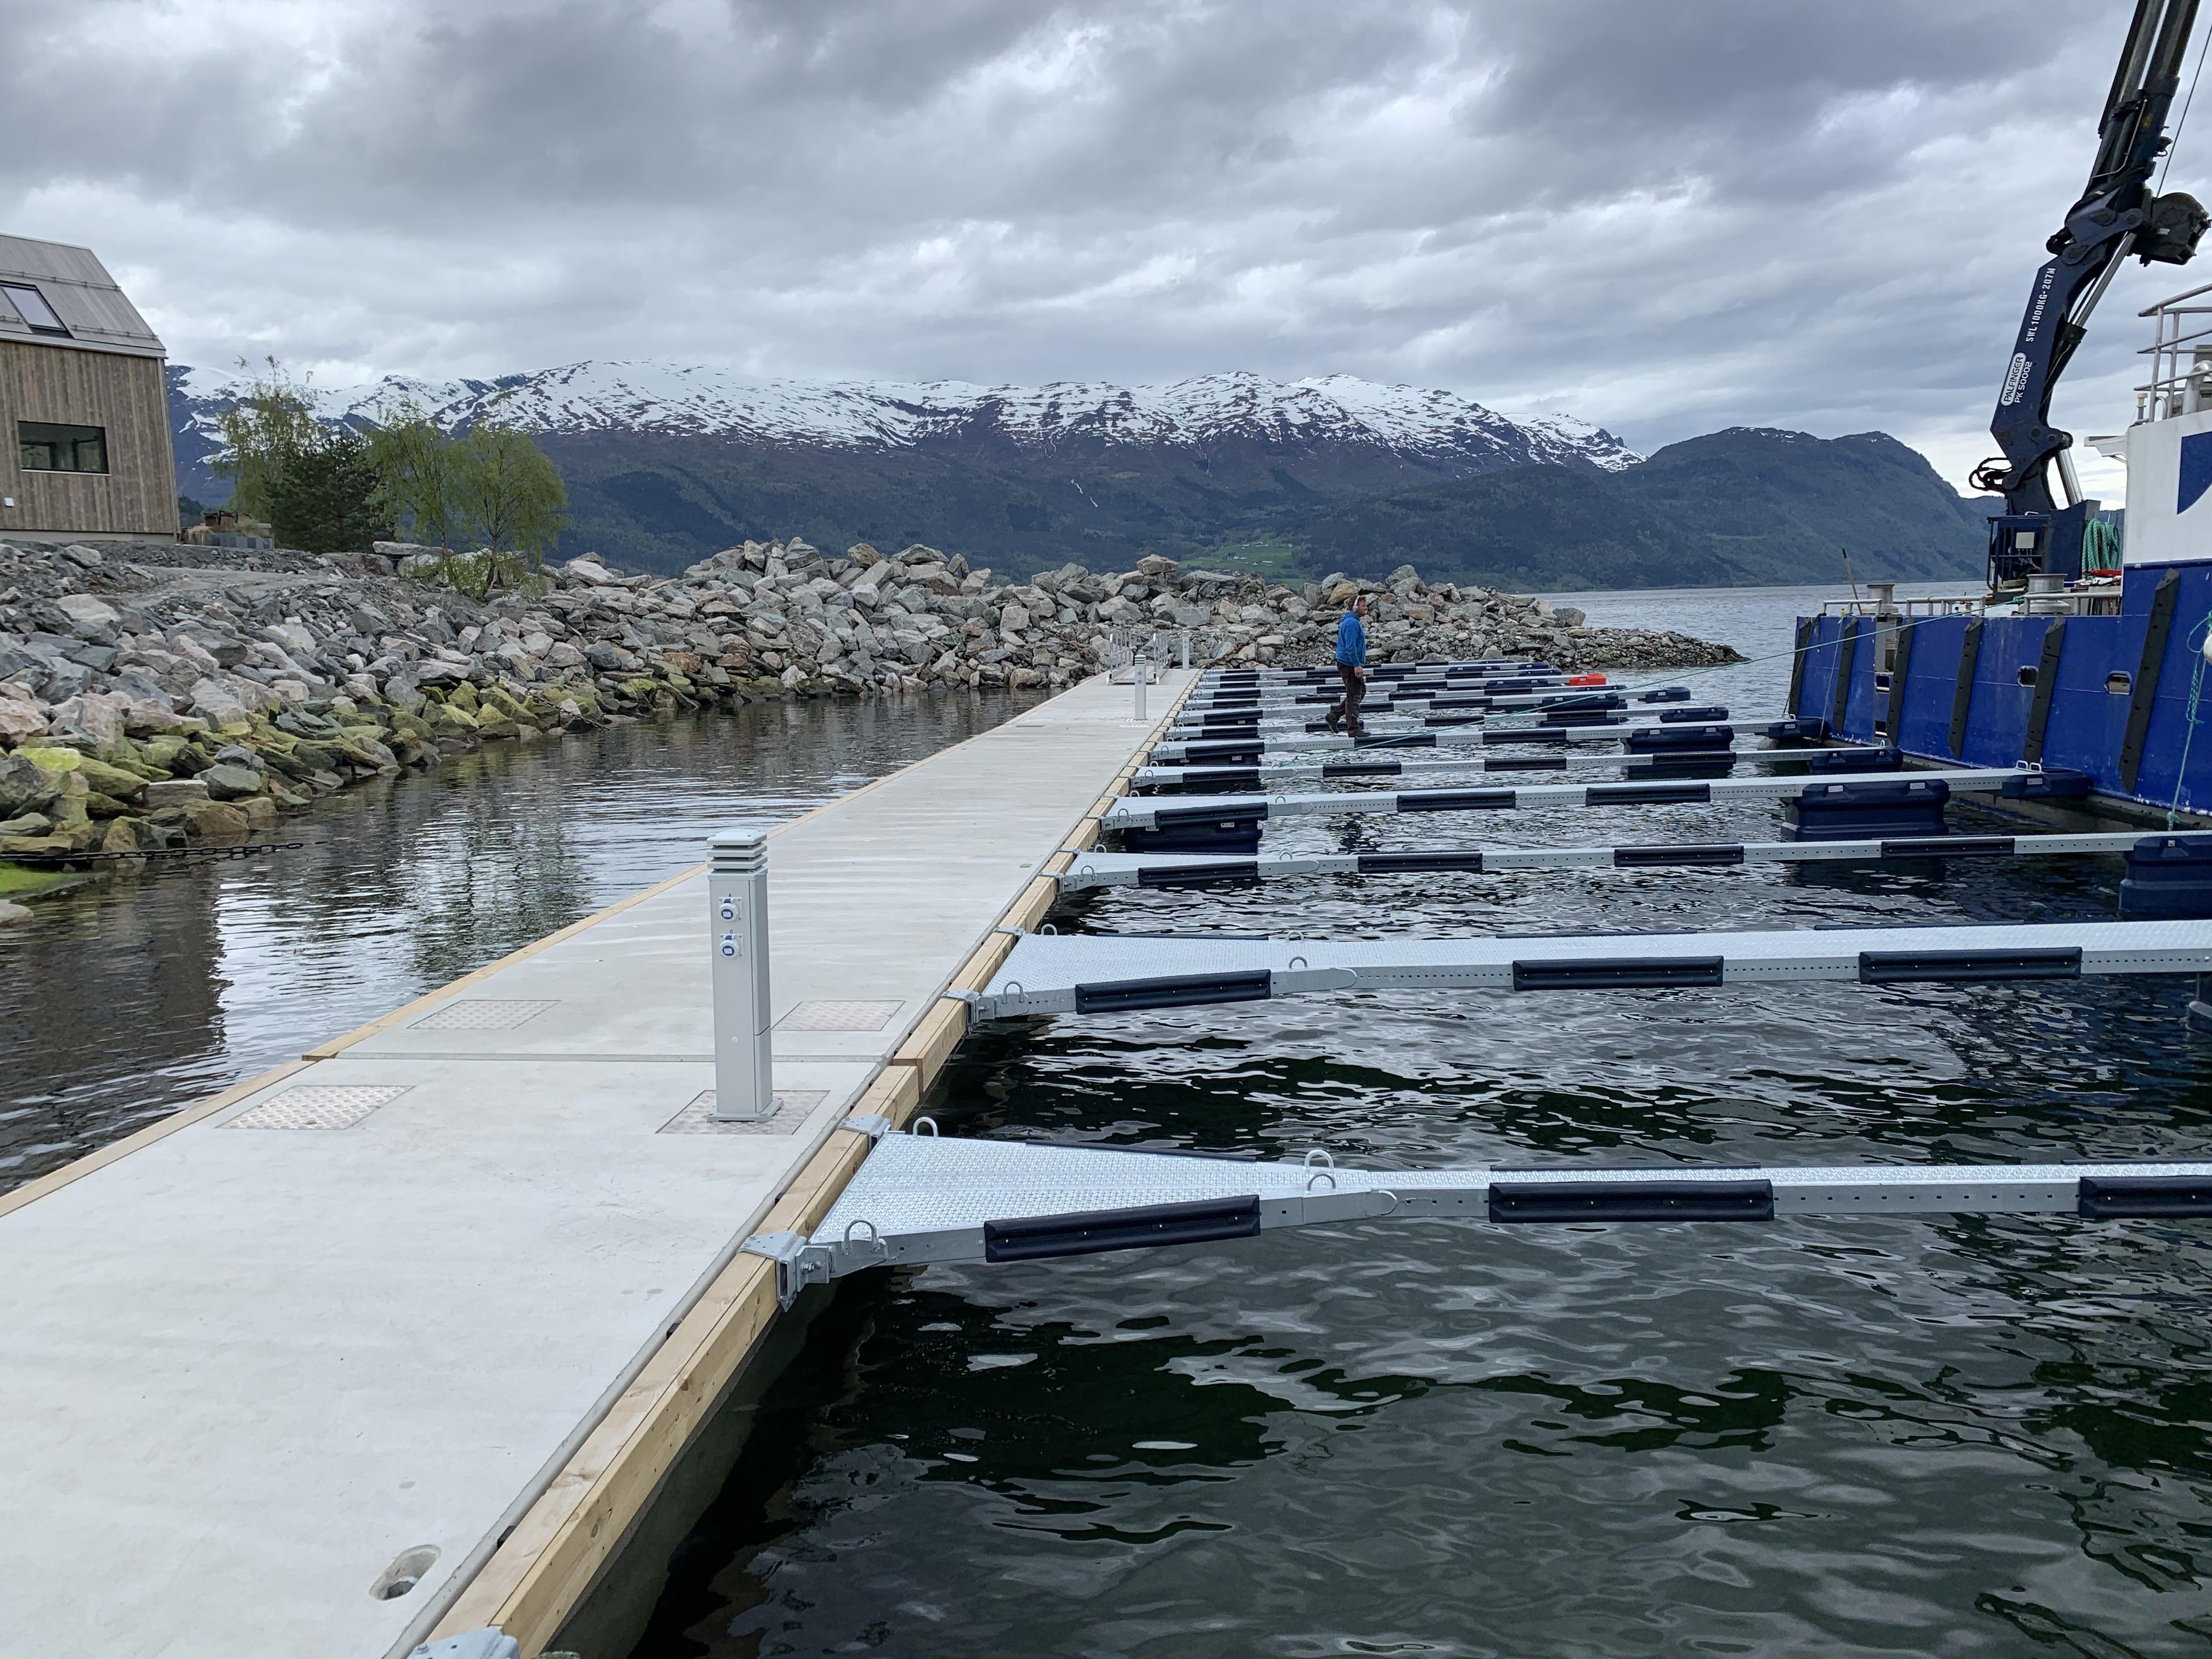 https://marinasolutions.no/uploads/Felleskapet-Elvaneset-75-meter-betongbrygge-og-18-båtplasser-4.jpg